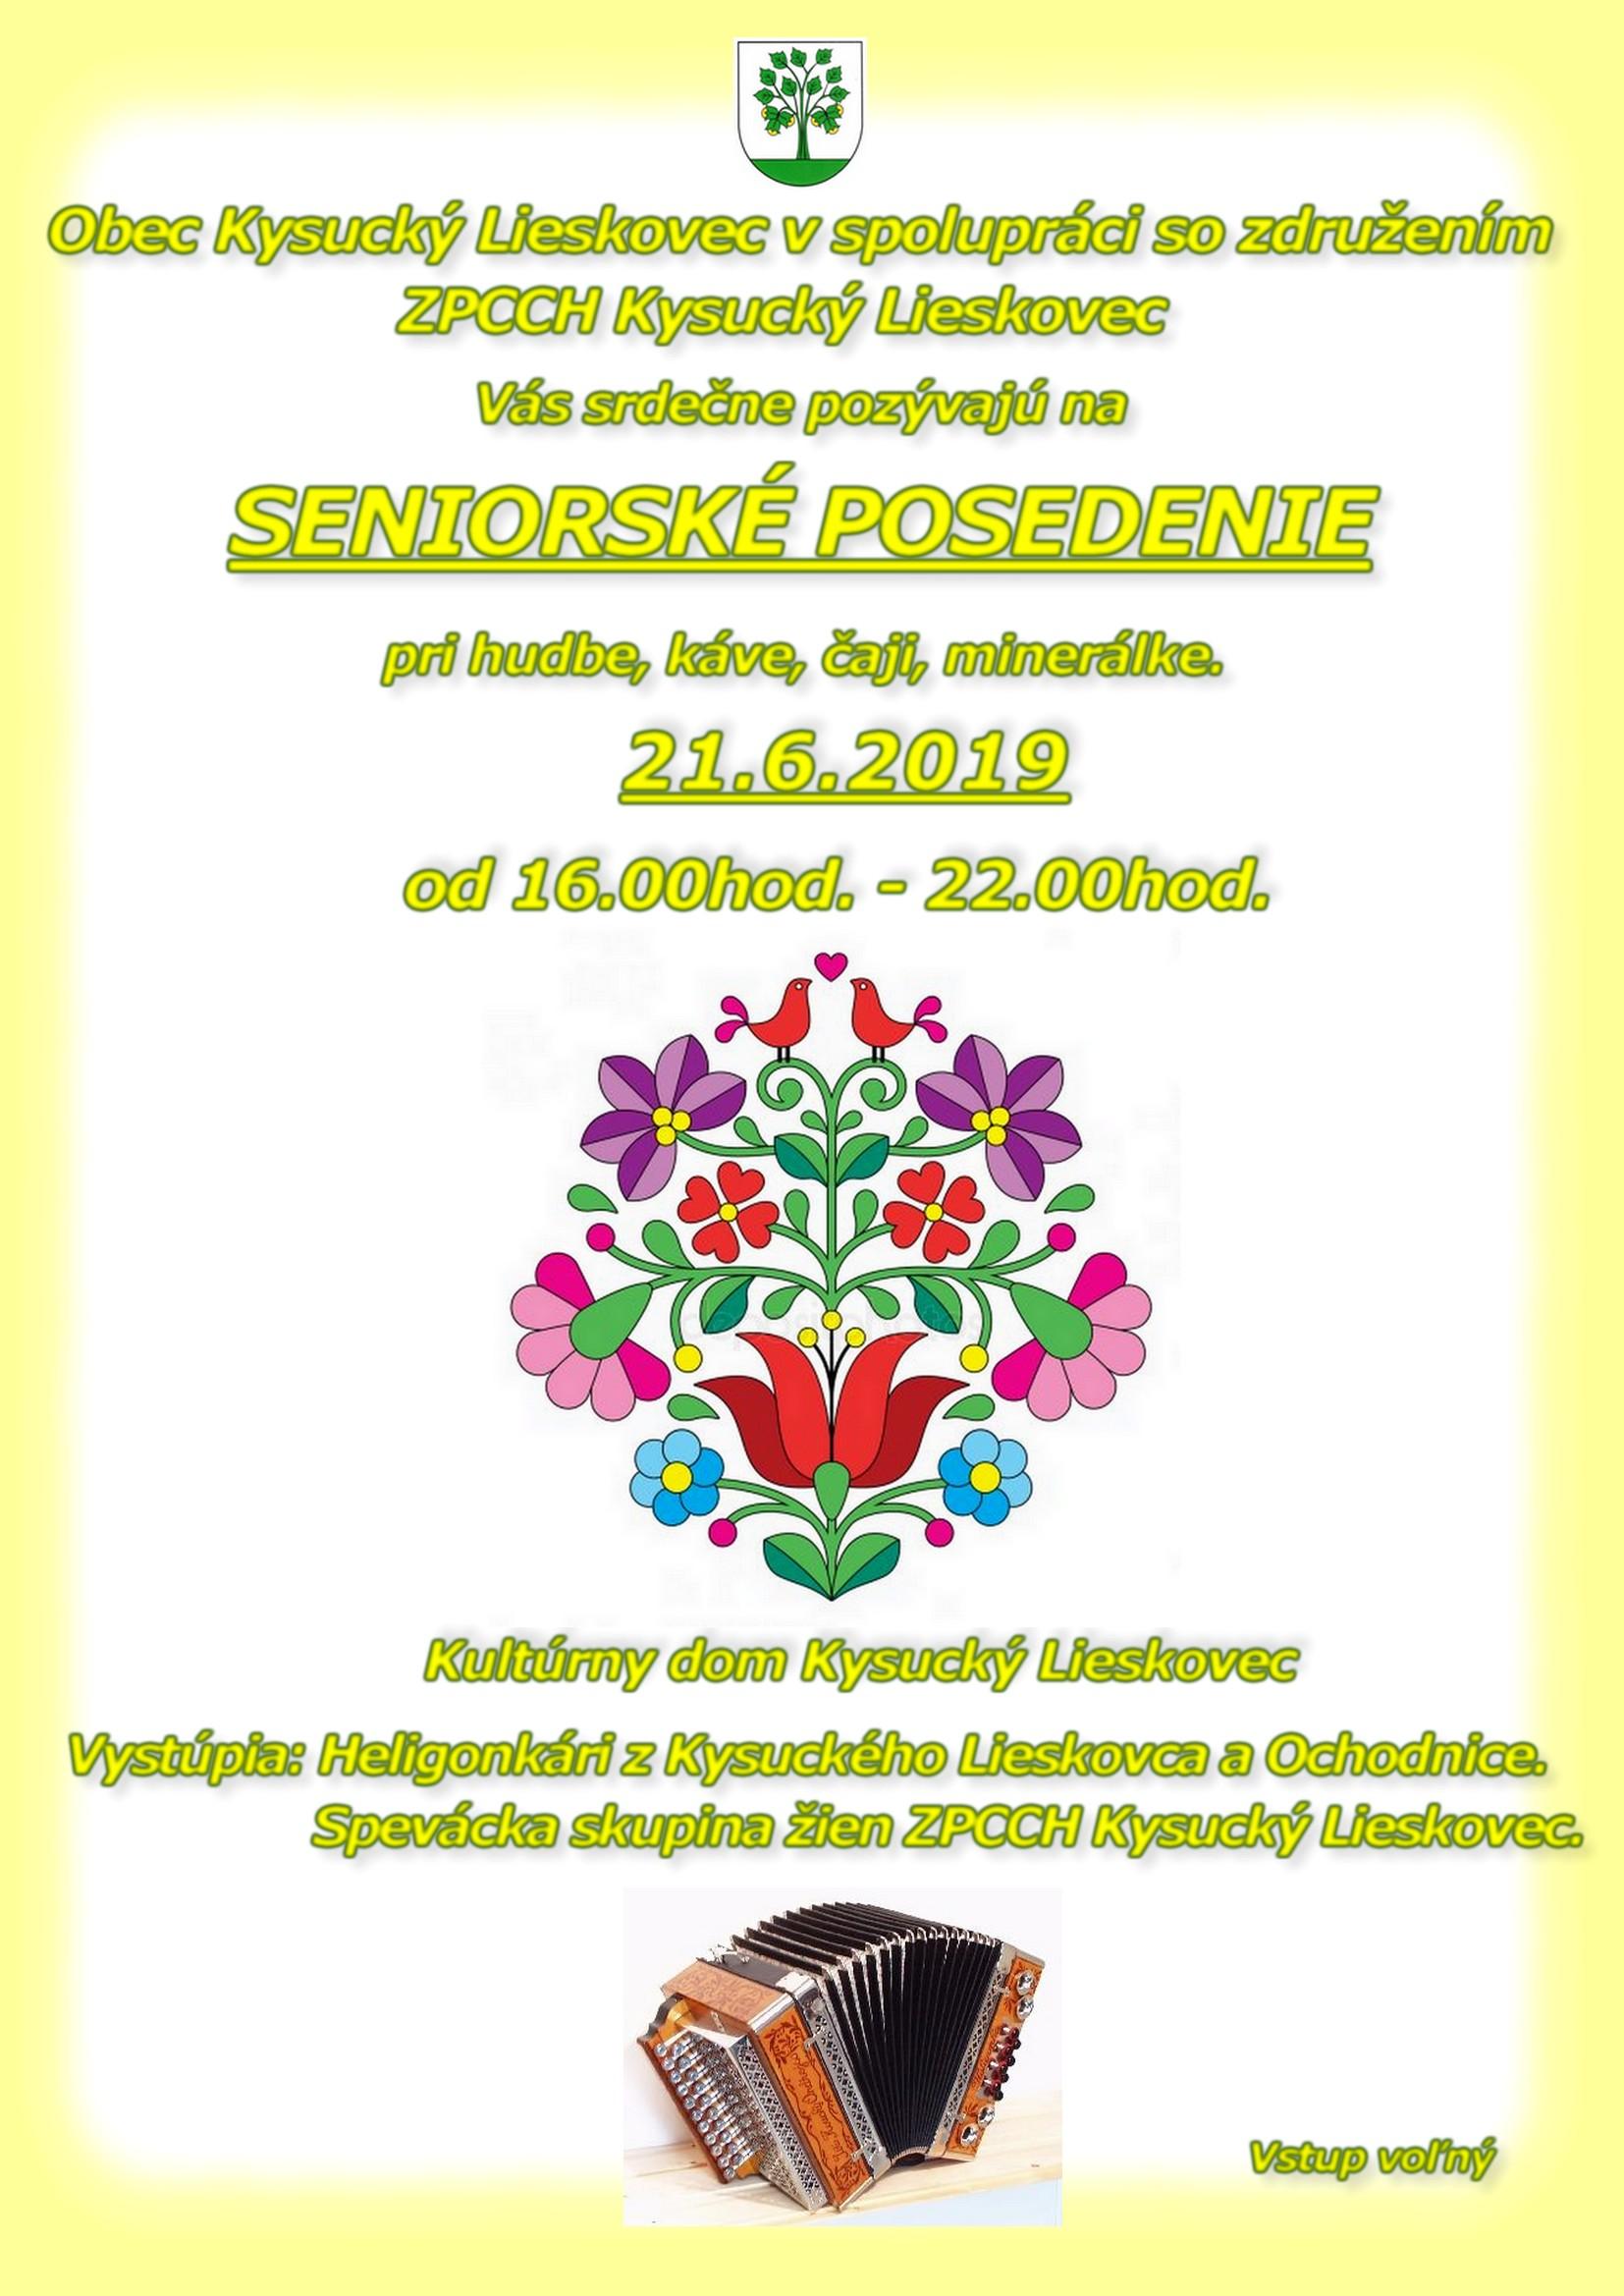 El pueblo de Kysucky Lieskovec, en colaboración con la asociación ZPCCH Kysucky Lieskovec, lo invitará a la ASAMBLEA MAYOR 21.6.2019 de 16:00 a 22:00.